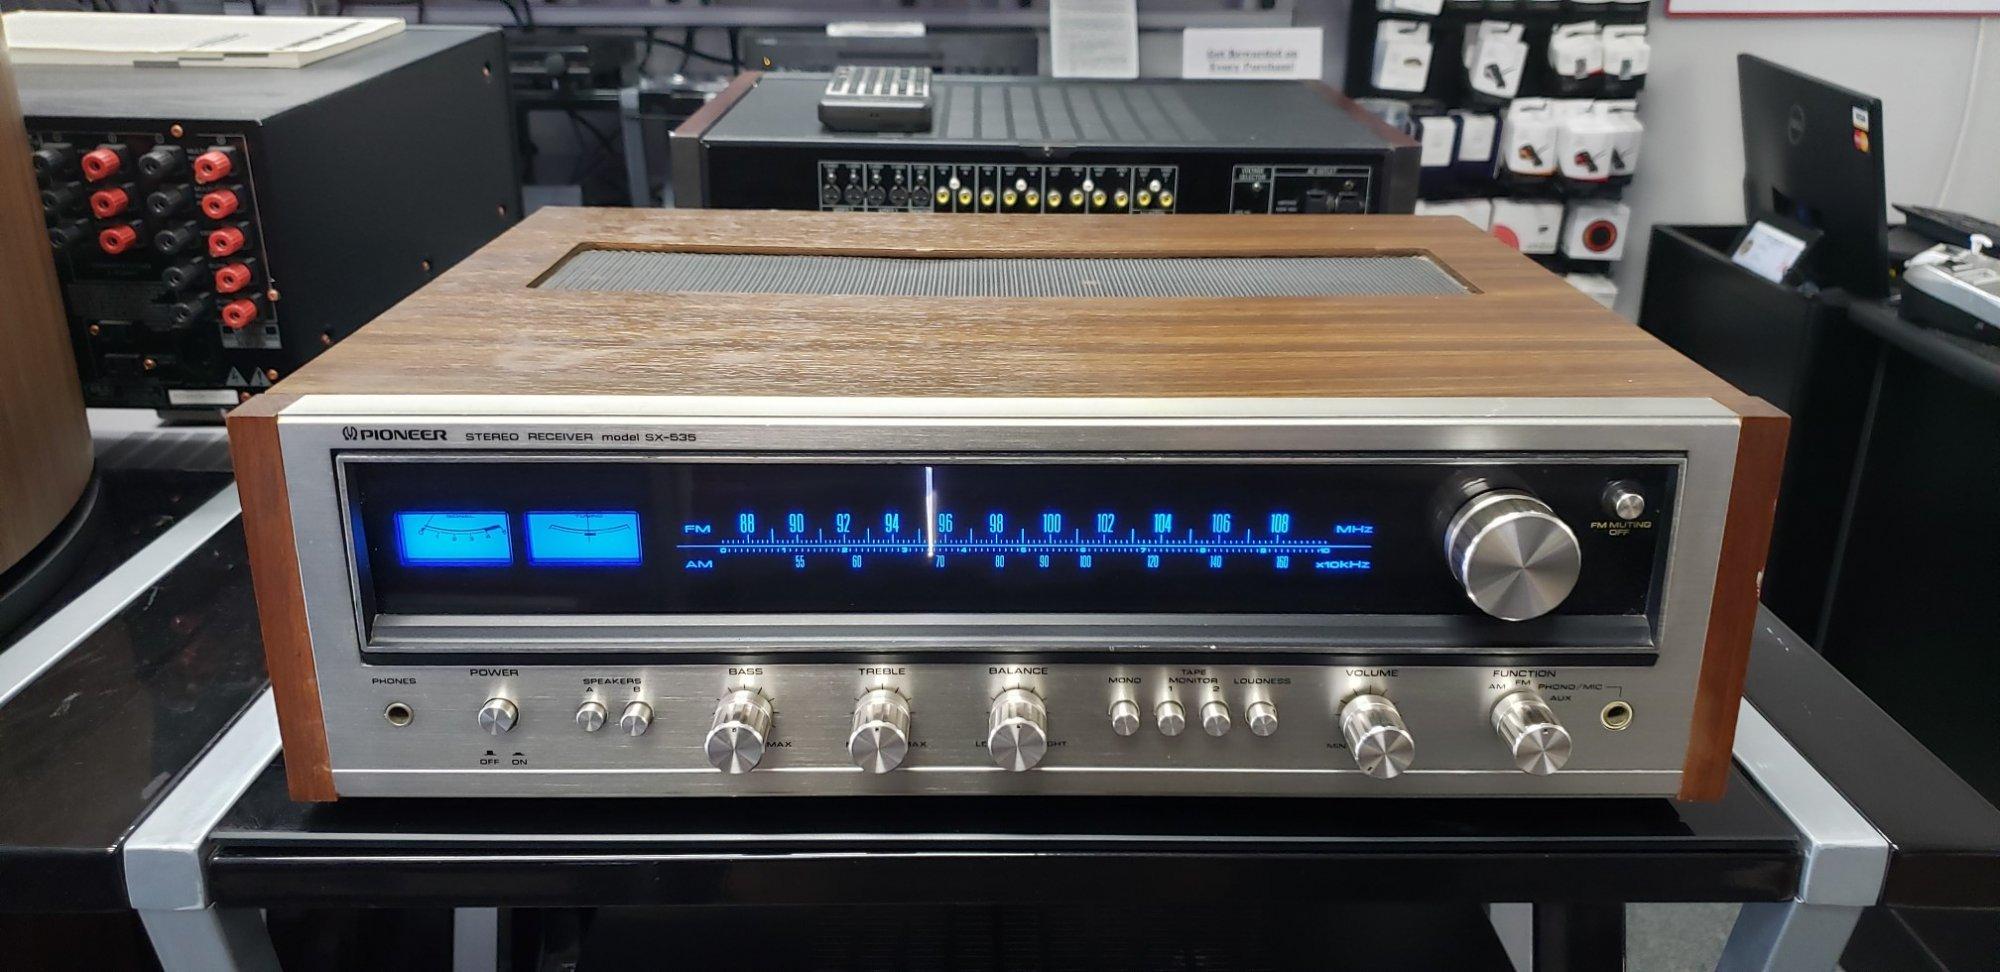 Pioneer SX-535 (13W/ch)